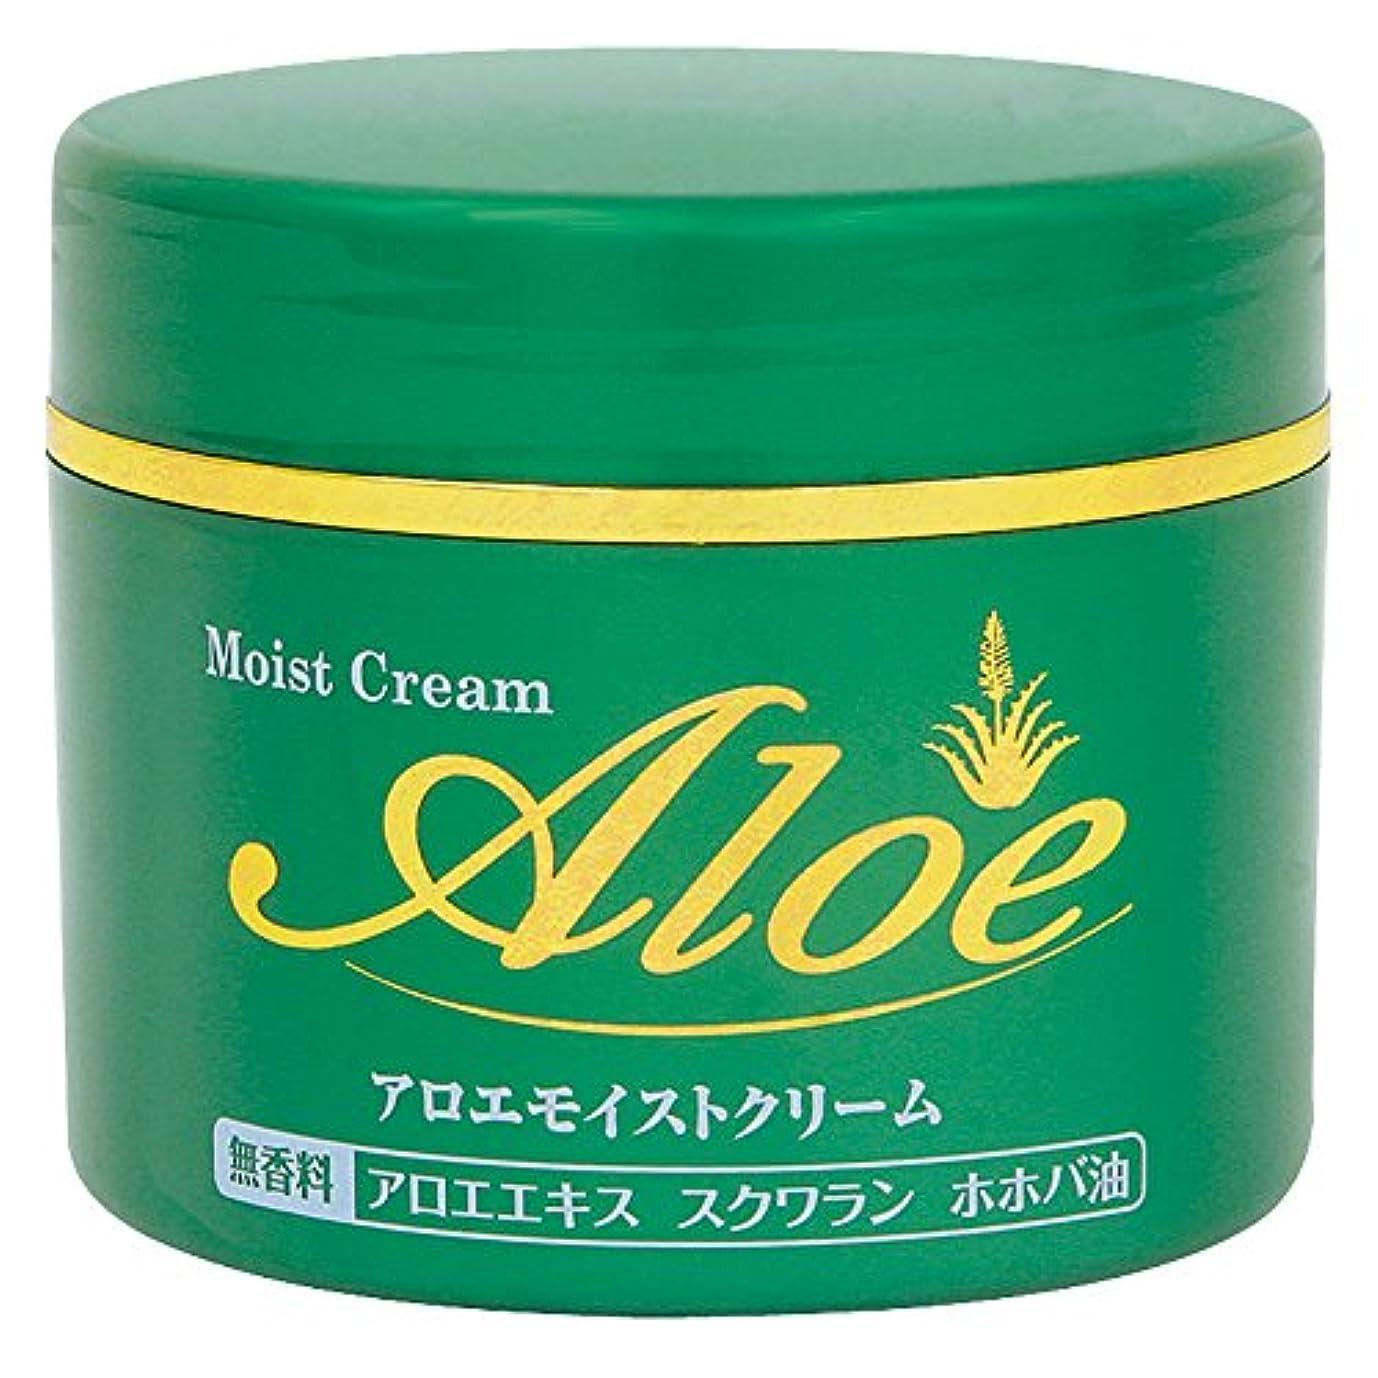 ほかにまもなく豊かな井藤漢方製薬 アロエモイストクリーム 160g (アロエクリーム 化粧品)